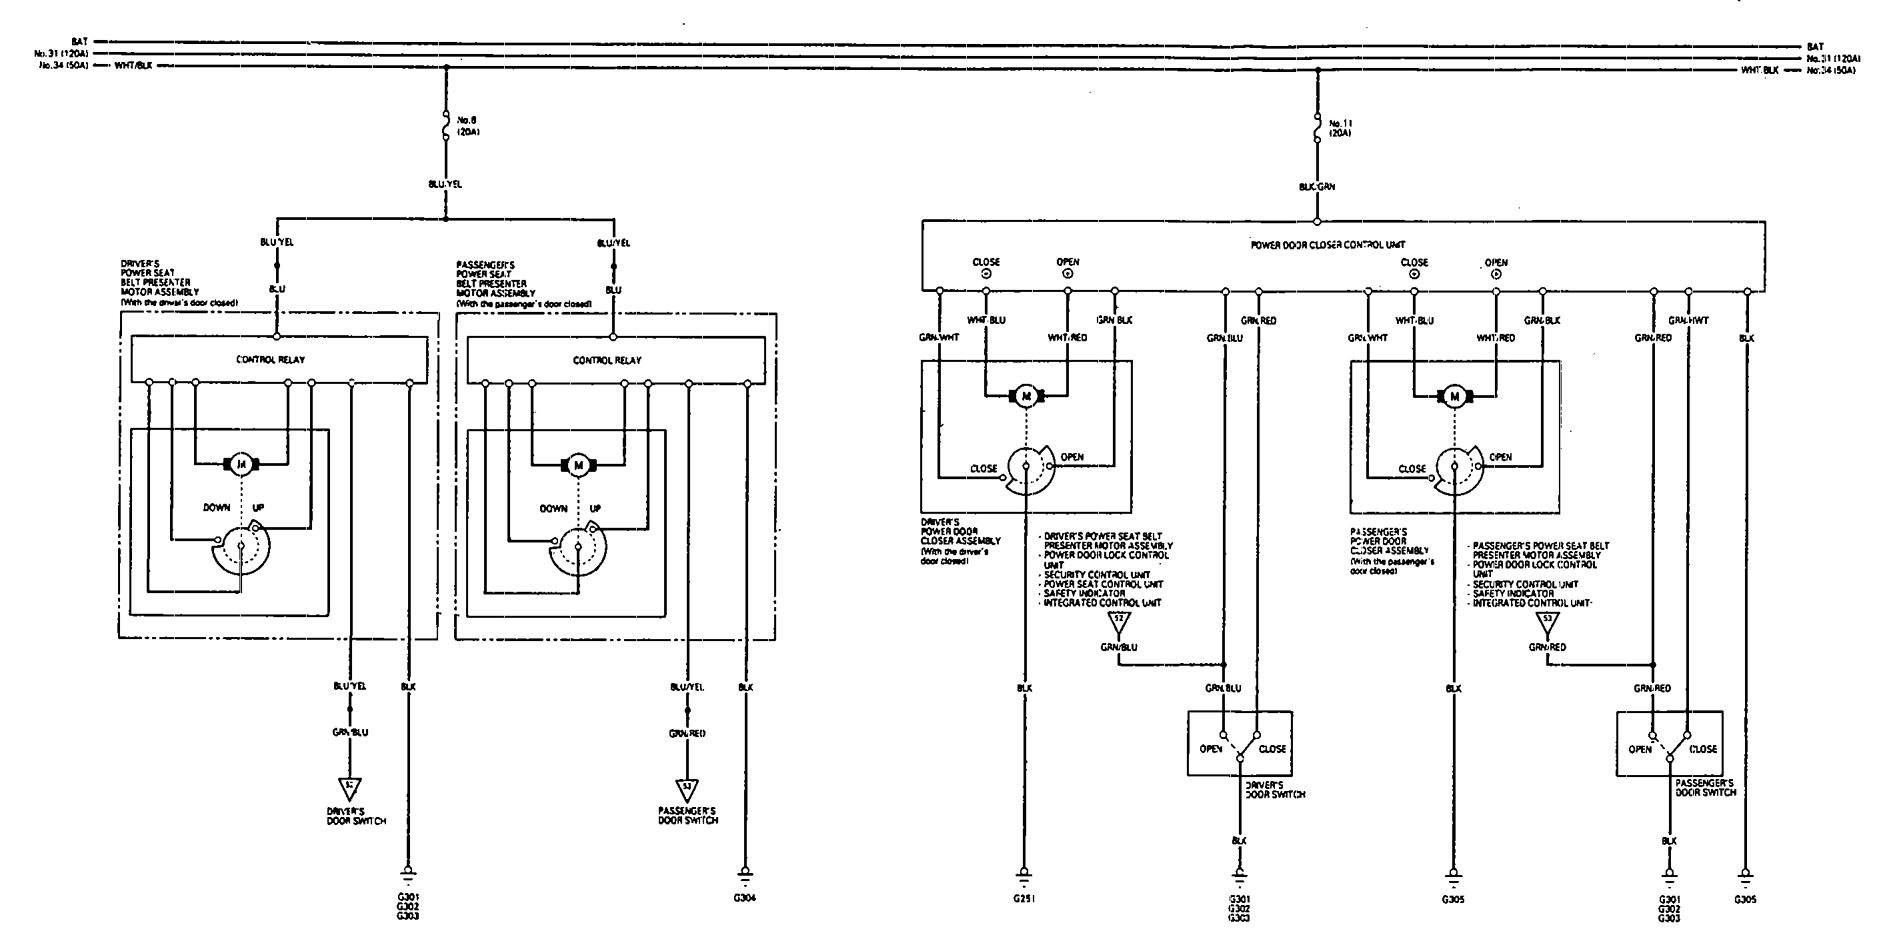 Acura Legend  1993  - Wiring Diagram